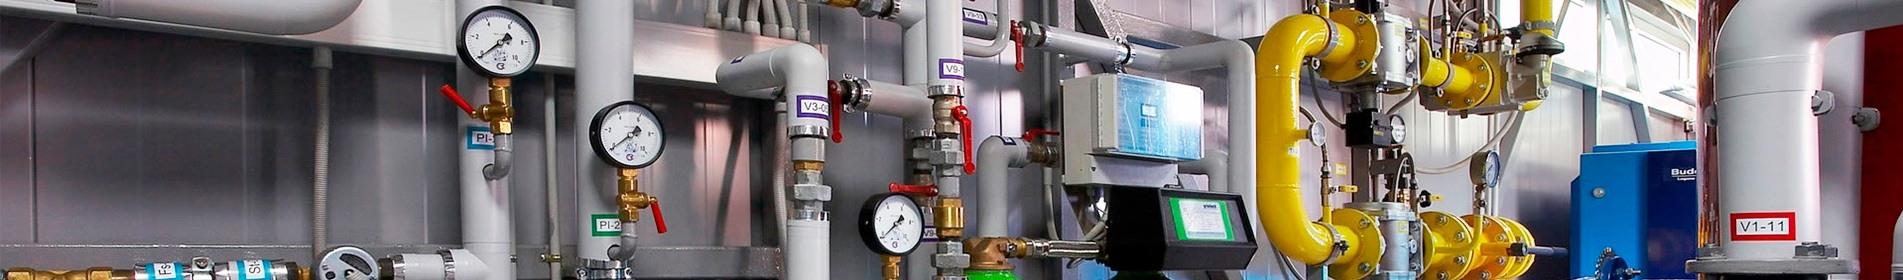 Техническое обслуживание системы водоснабжения и канализации коммерческой недвижимости